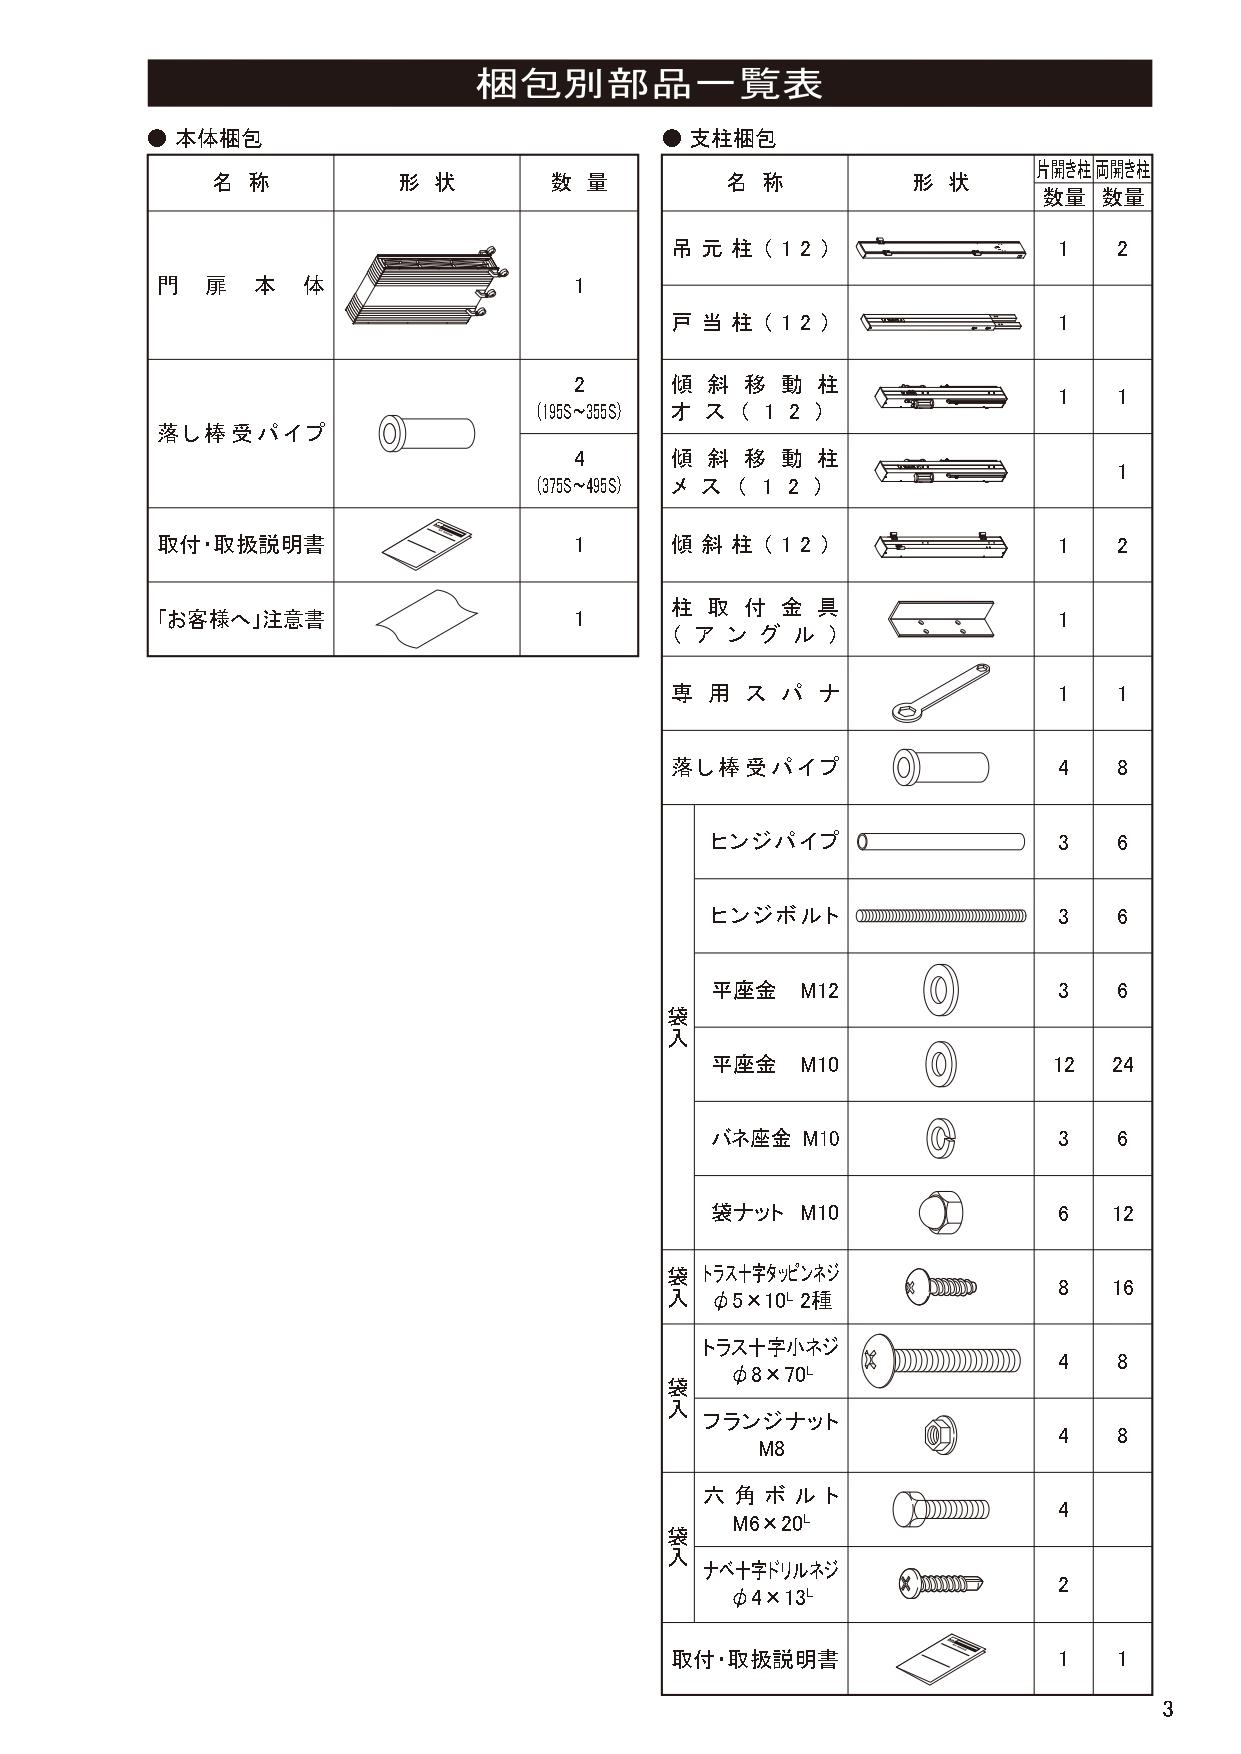 ニューハピネスHG 傾斜・ペットガードタイプ 施工説明書_page-0003